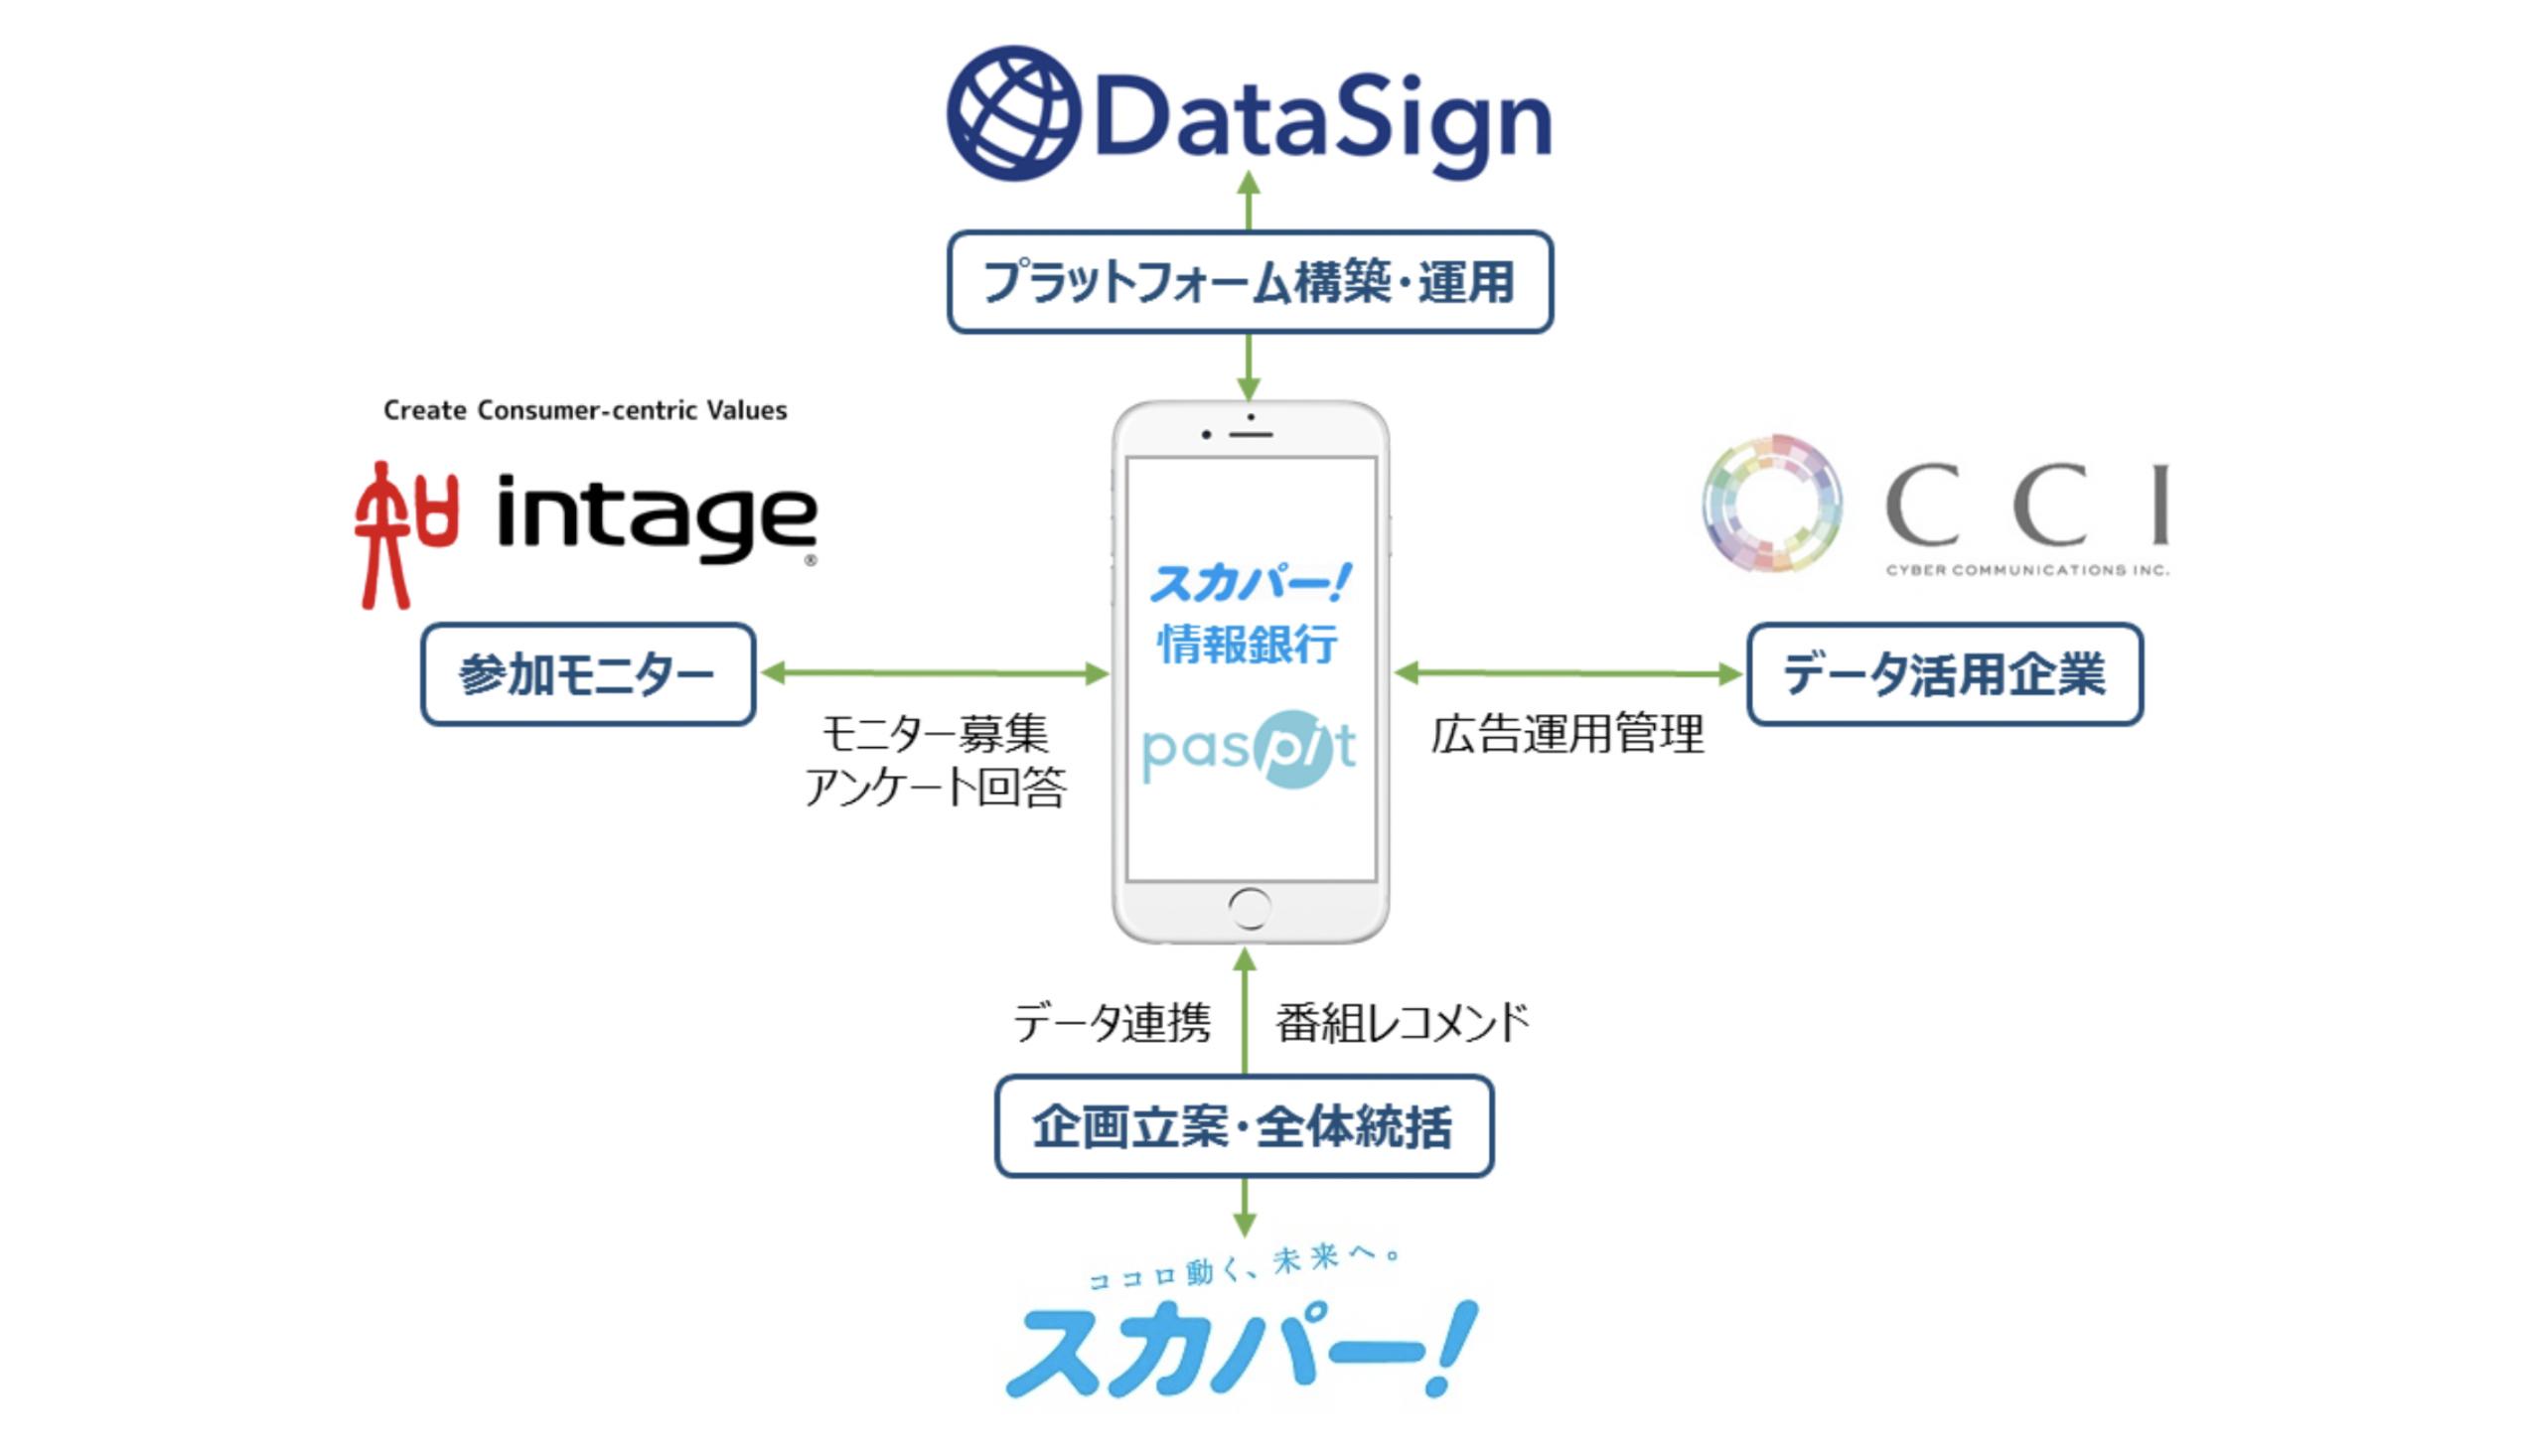 DataSign、スカパー!情報銀行の実証に「paspit for X」を提供